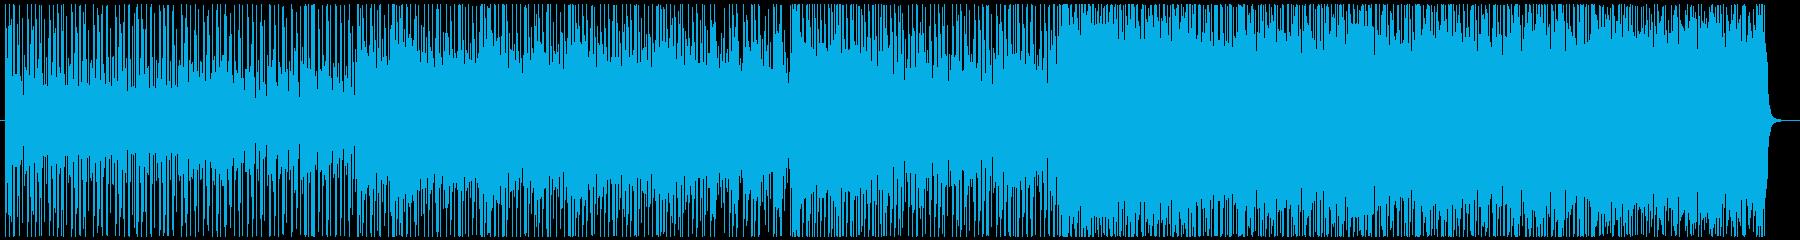 和風で壮大なロックの再生済みの波形